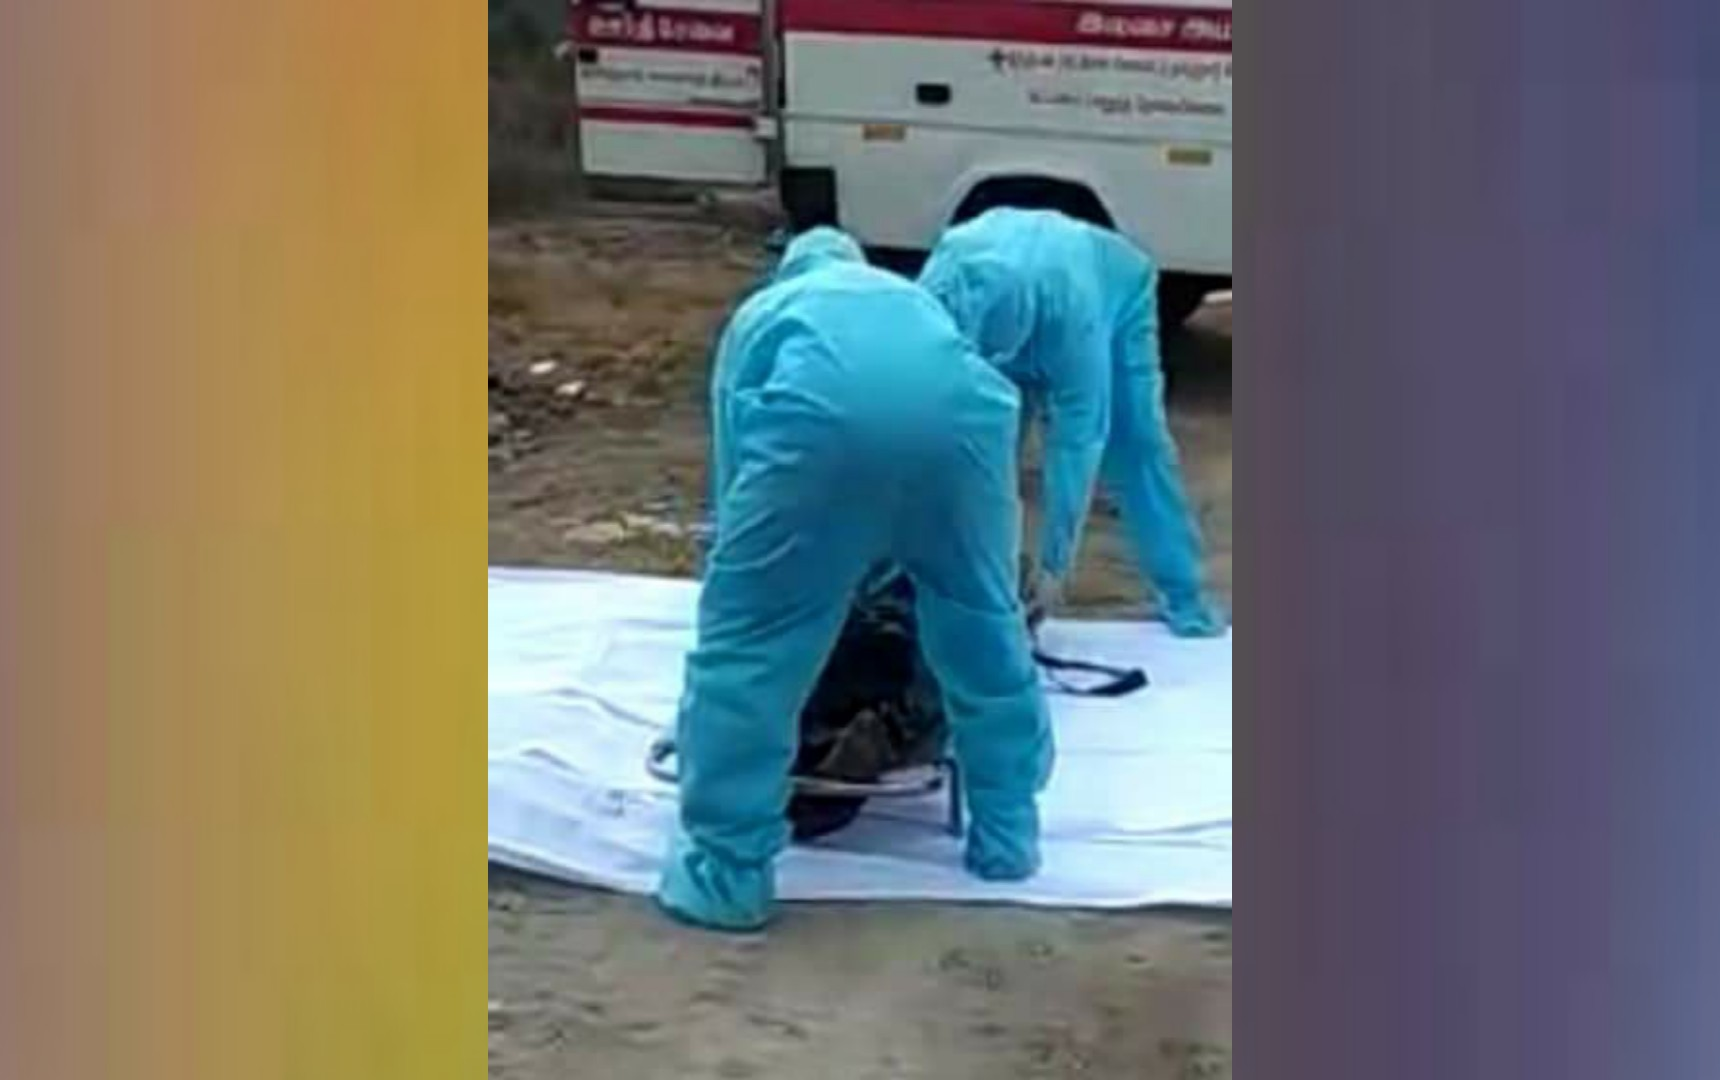 கொரோனாவால் உயிரிழந்தோரை நல்லடக்கம் செய்த  பாப்புலர் ஃப்ரண்ட் ஆஃப் இந்தியா..!